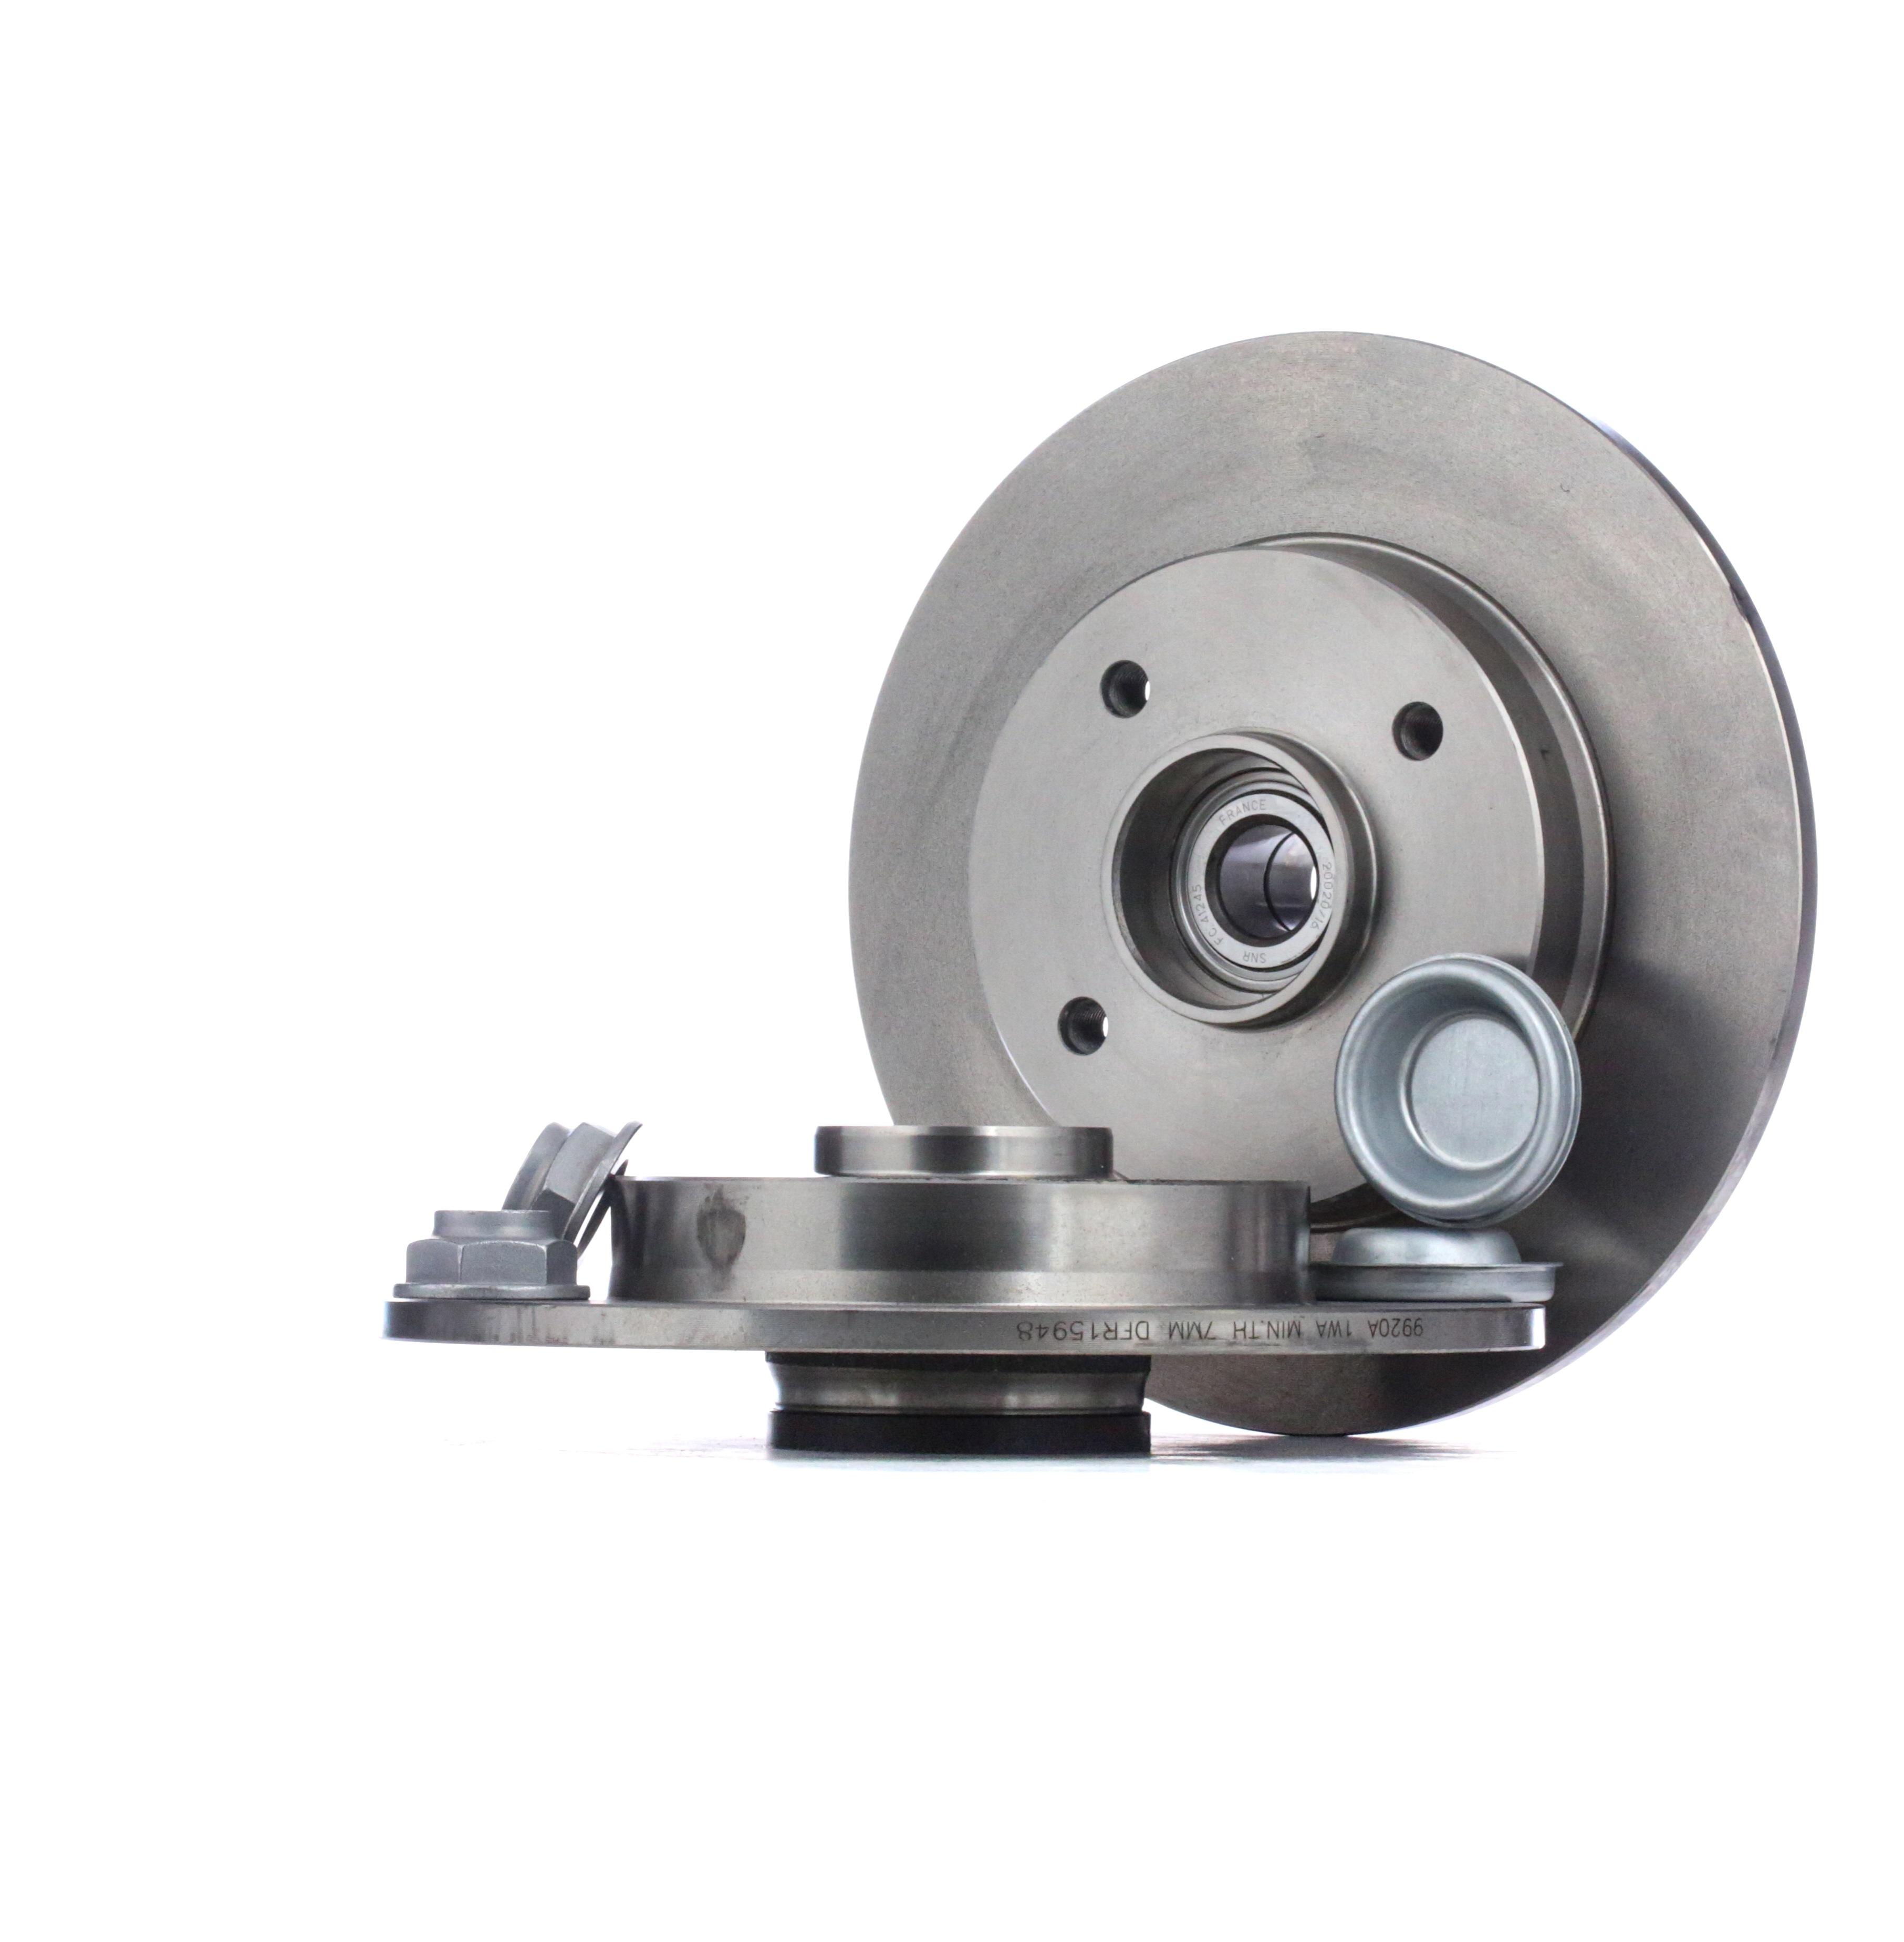 Achetez Disque SNR KF159.48U (Ø: 250mm, Nbre de trous: 4, Épaisseur du disque de frein: 9mm) à un rapport qualité-prix exceptionnel